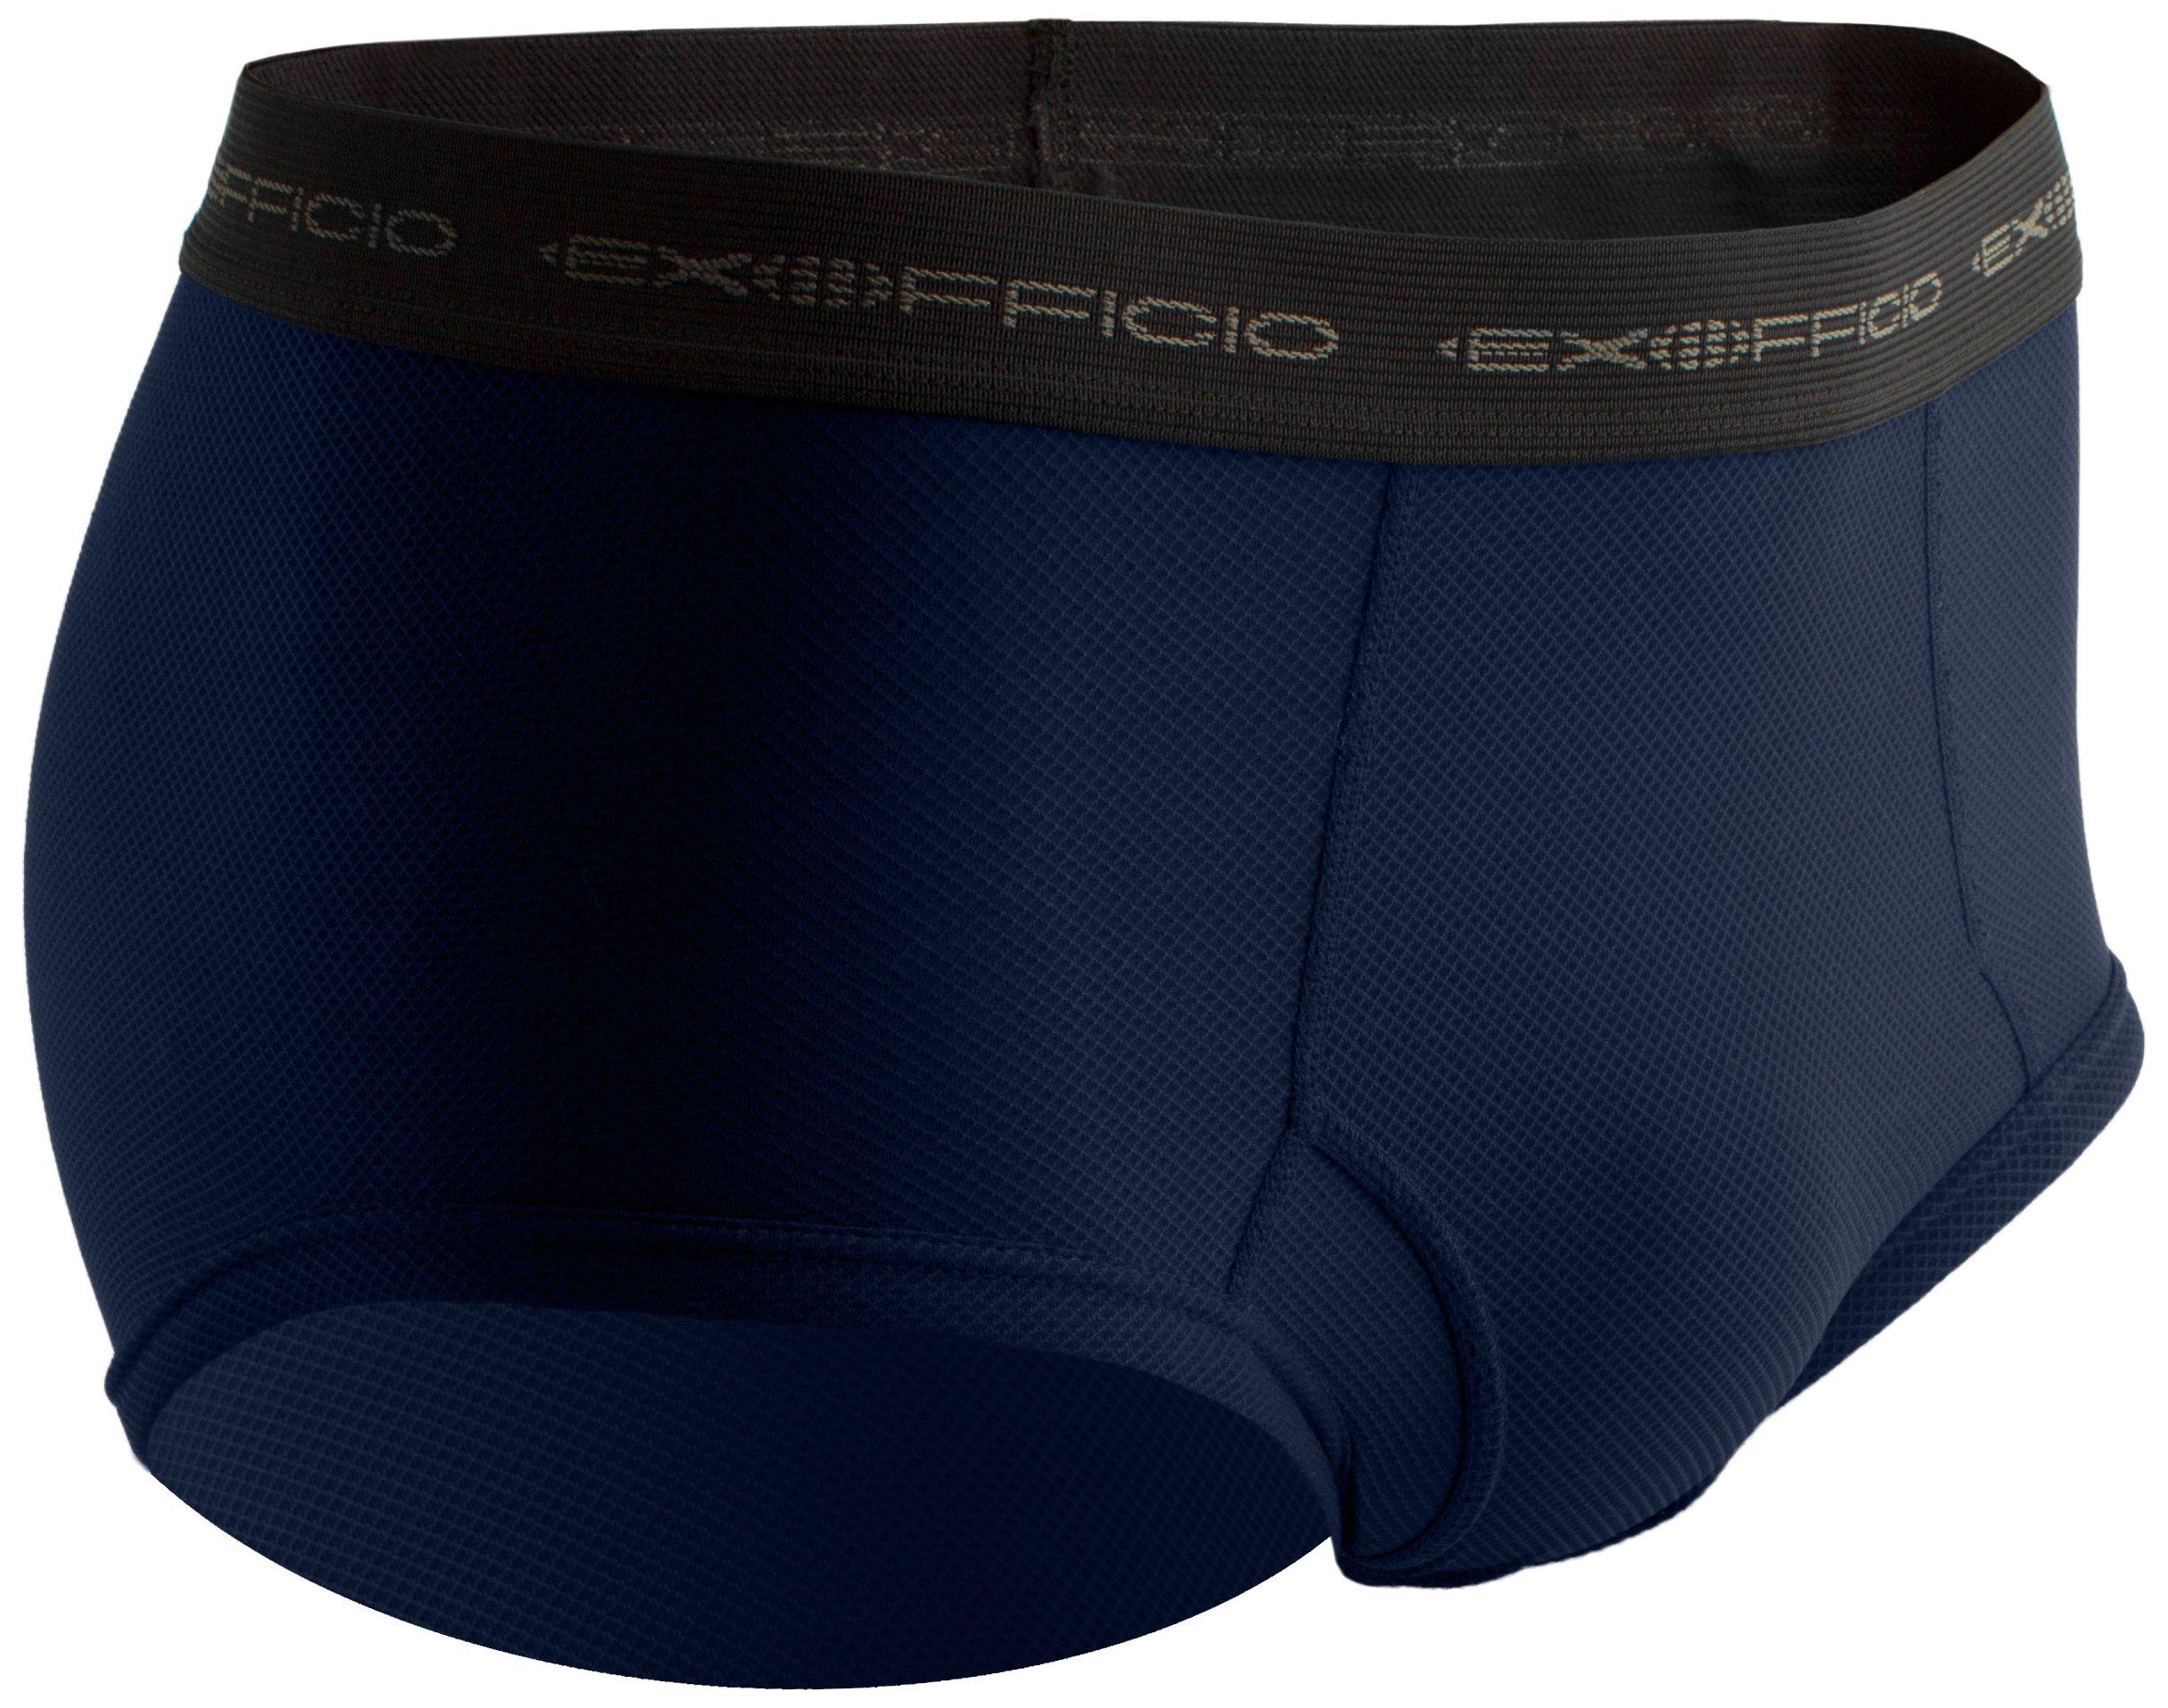 ExOfficio Men's Give-N-Go Brief Travel Underwear,Admiral,Small